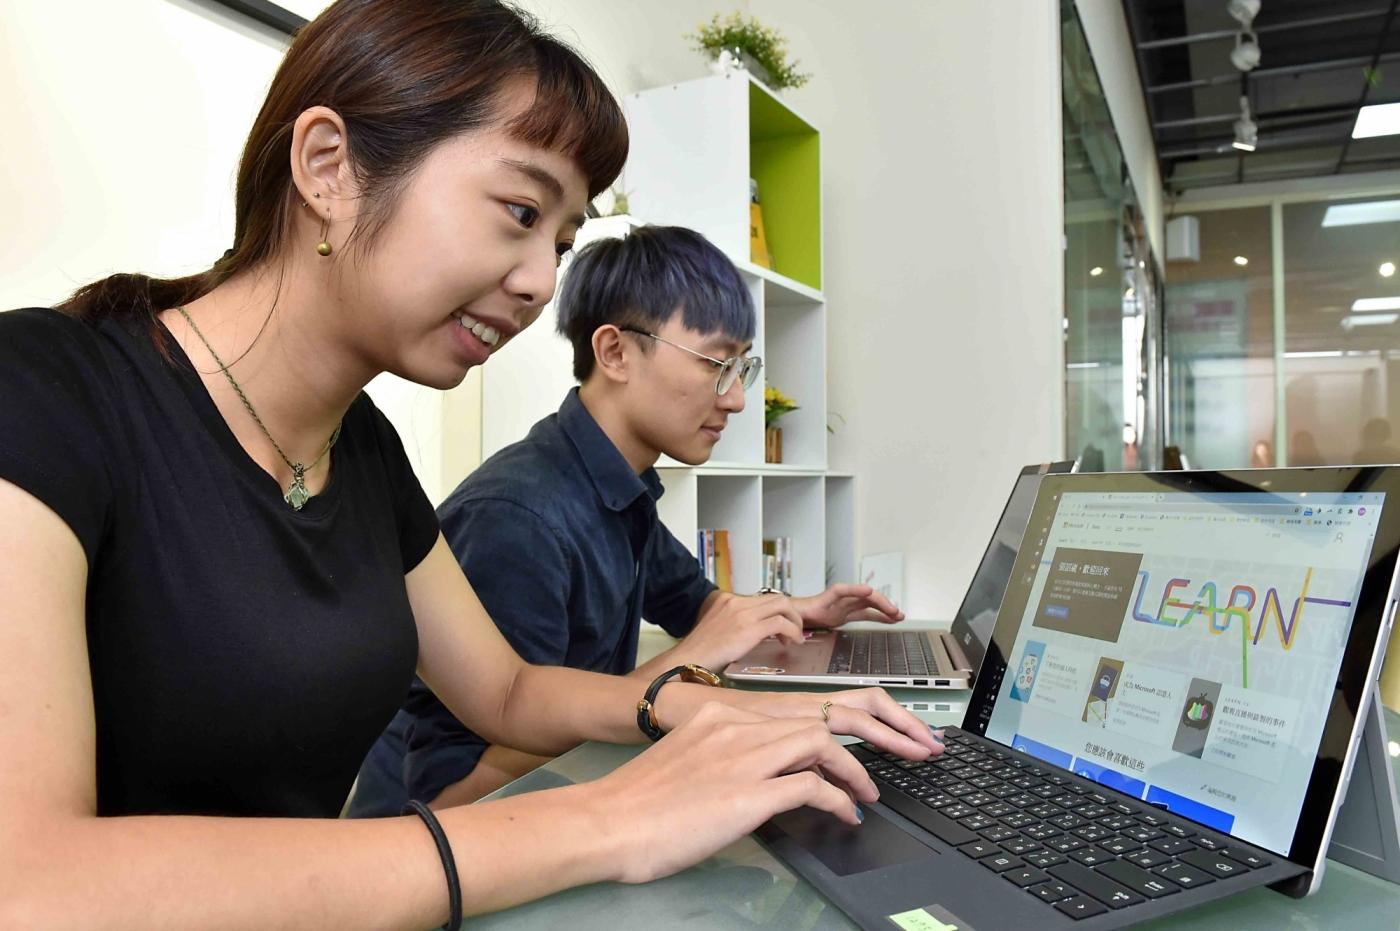 免費線上課程之外,微軟攜手東吳大學動人才培育計畫,打造「一條龍」養成服務